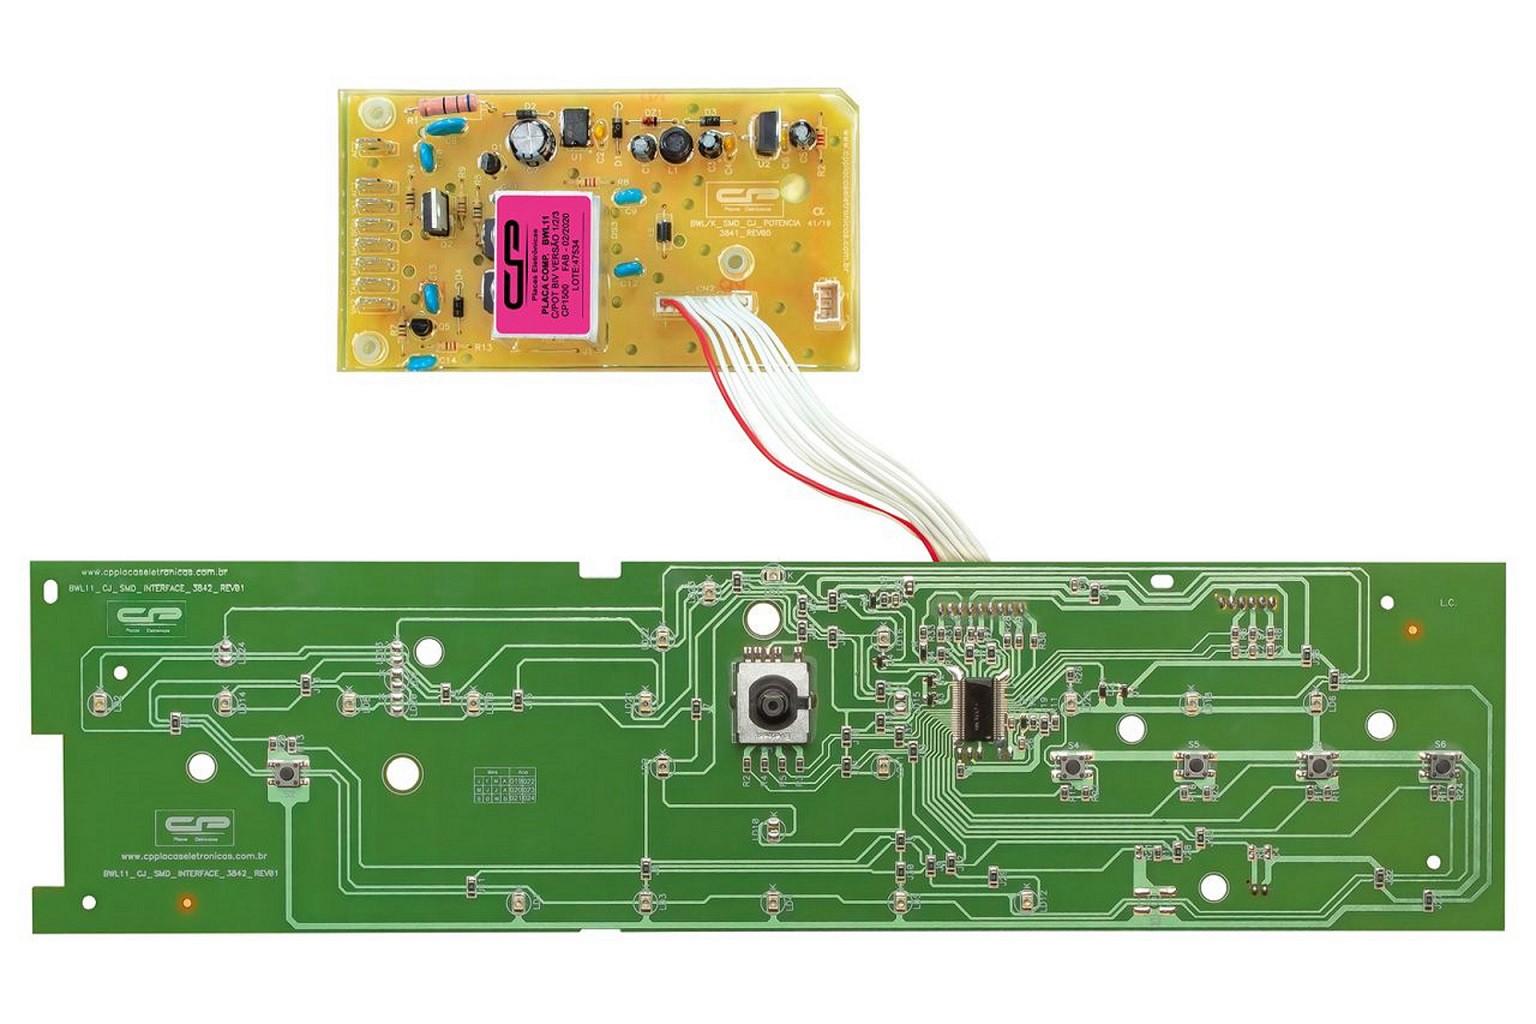 Placa compatível Lavadora Brastemp BWL11 com potência - Bivolt - Versão 1/2/3 - CP 1500